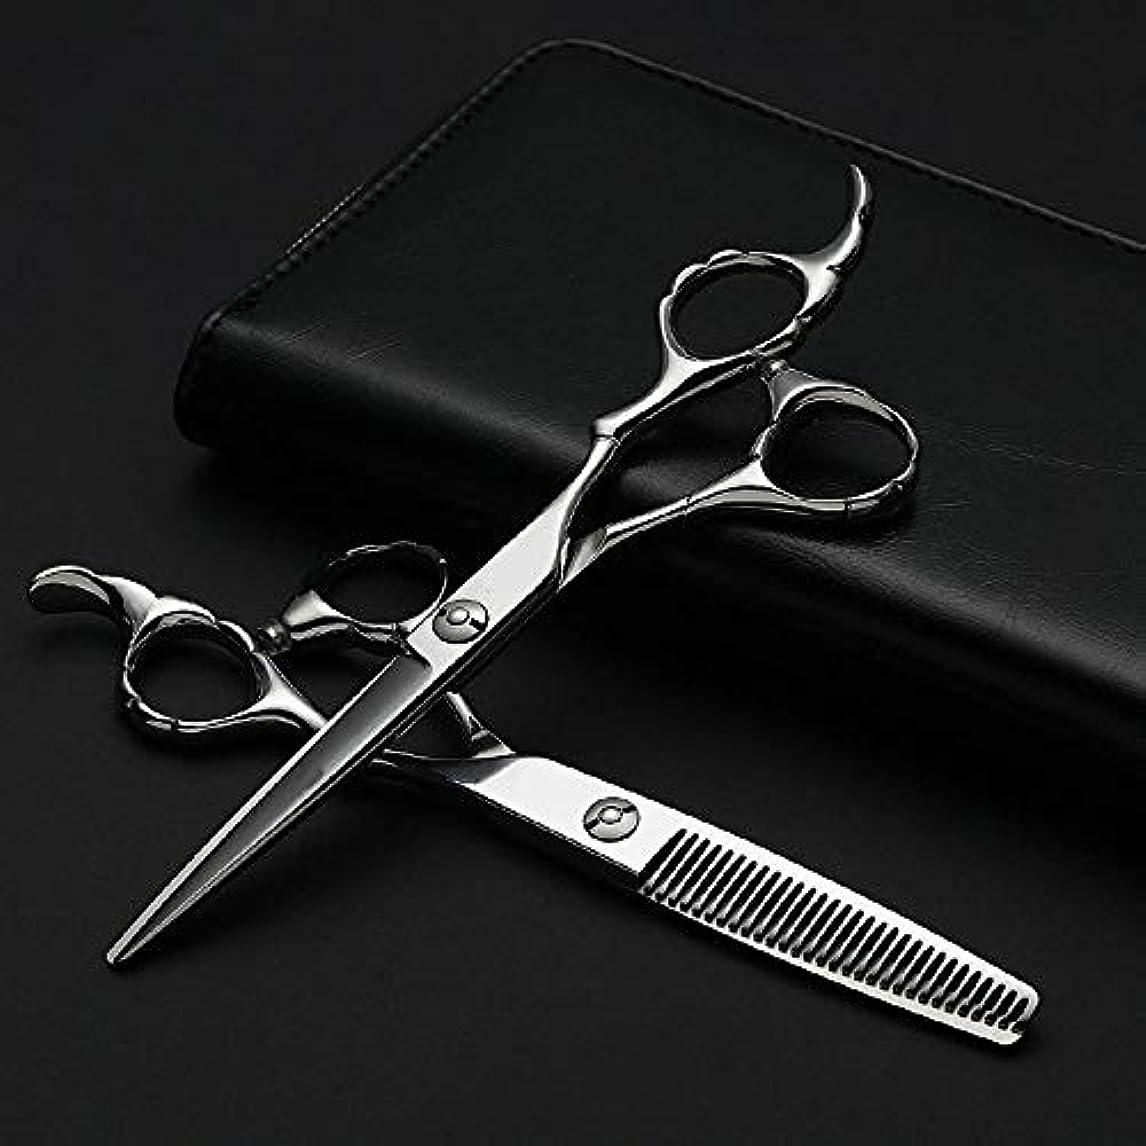 出力秋最愛のプロの理髪セット、フラット+歯シザー細い竹ハンドルはさみセット モデリングツール (色 : Silver)